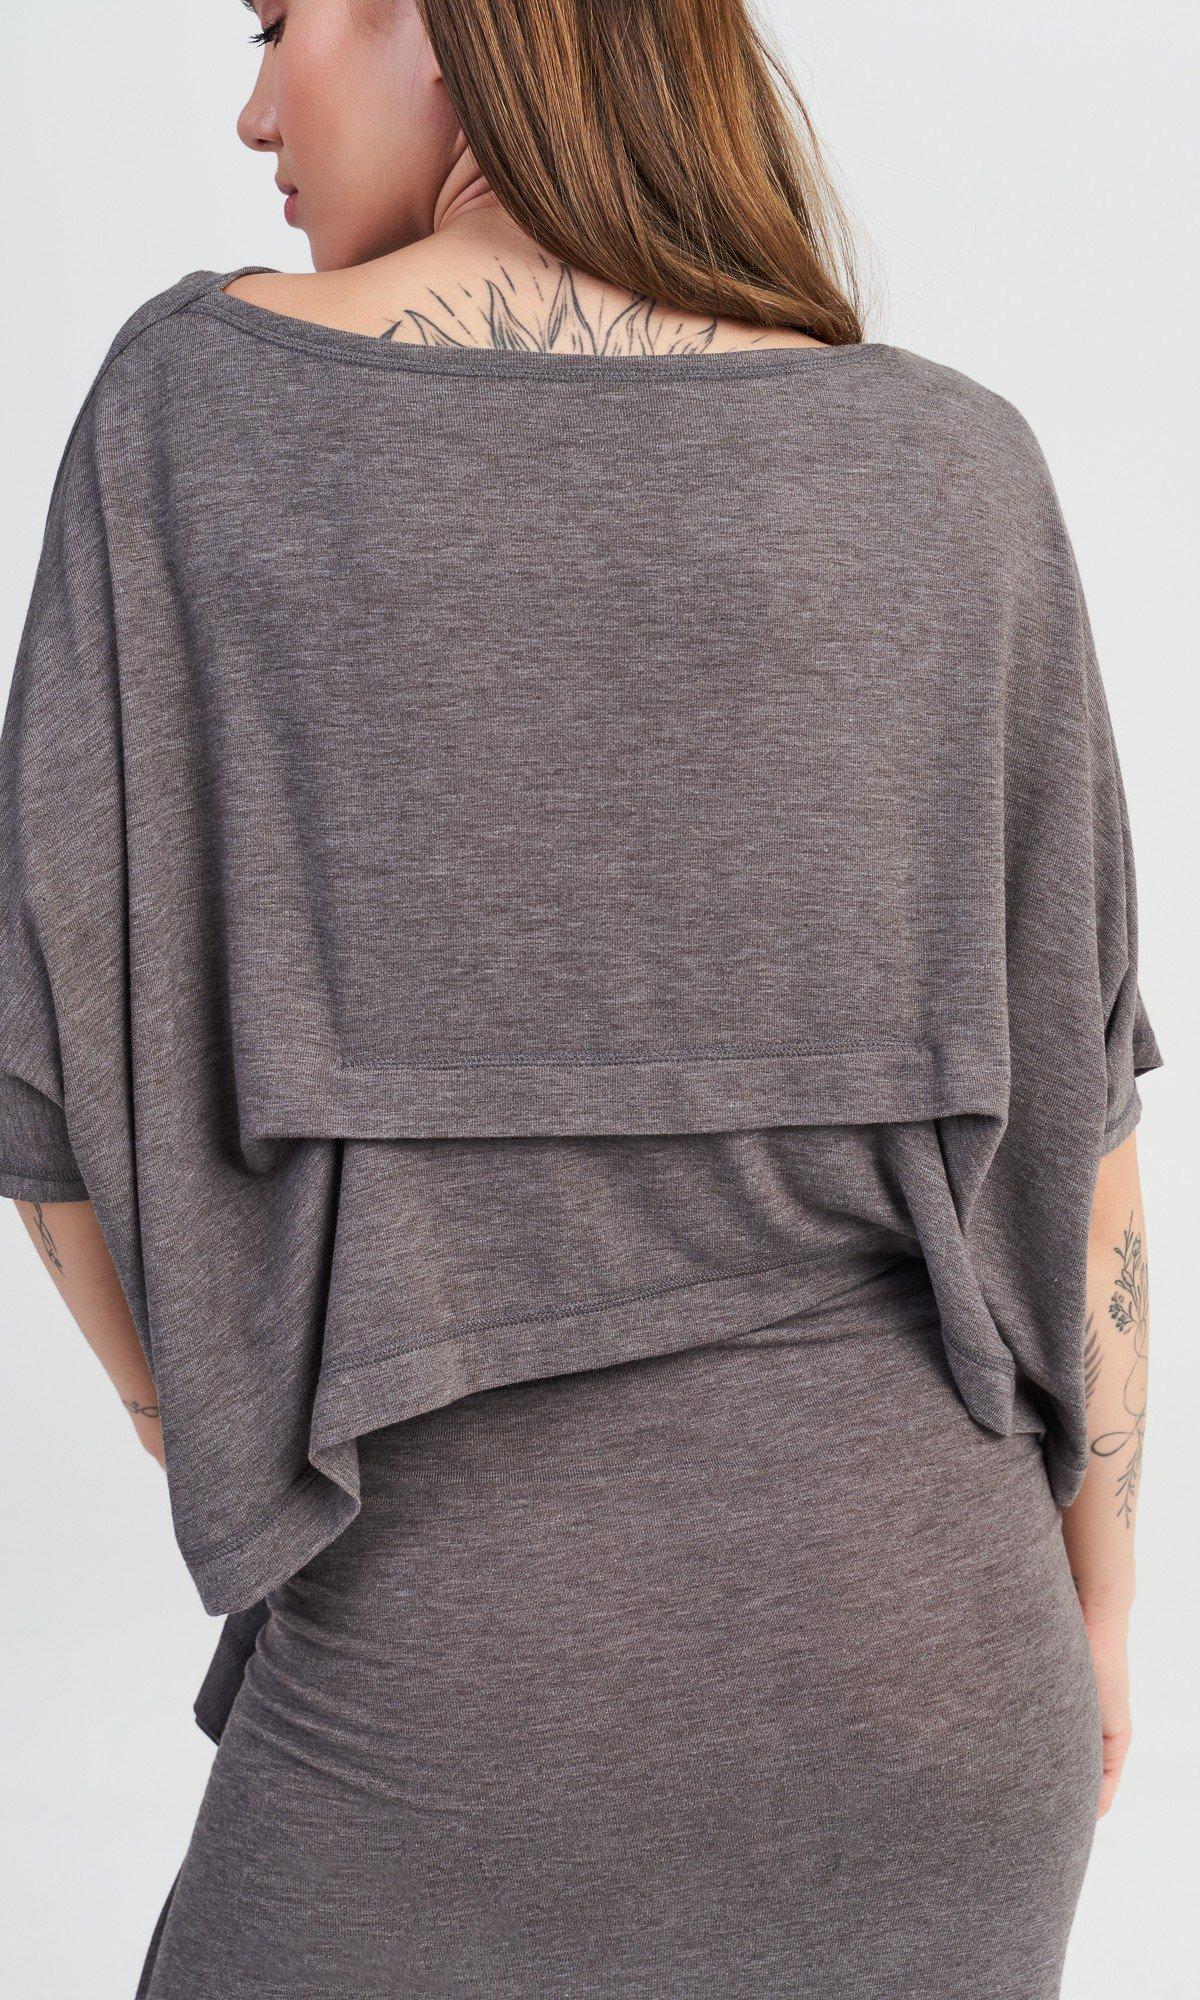 High Waist Skirt With Ruffle Detail